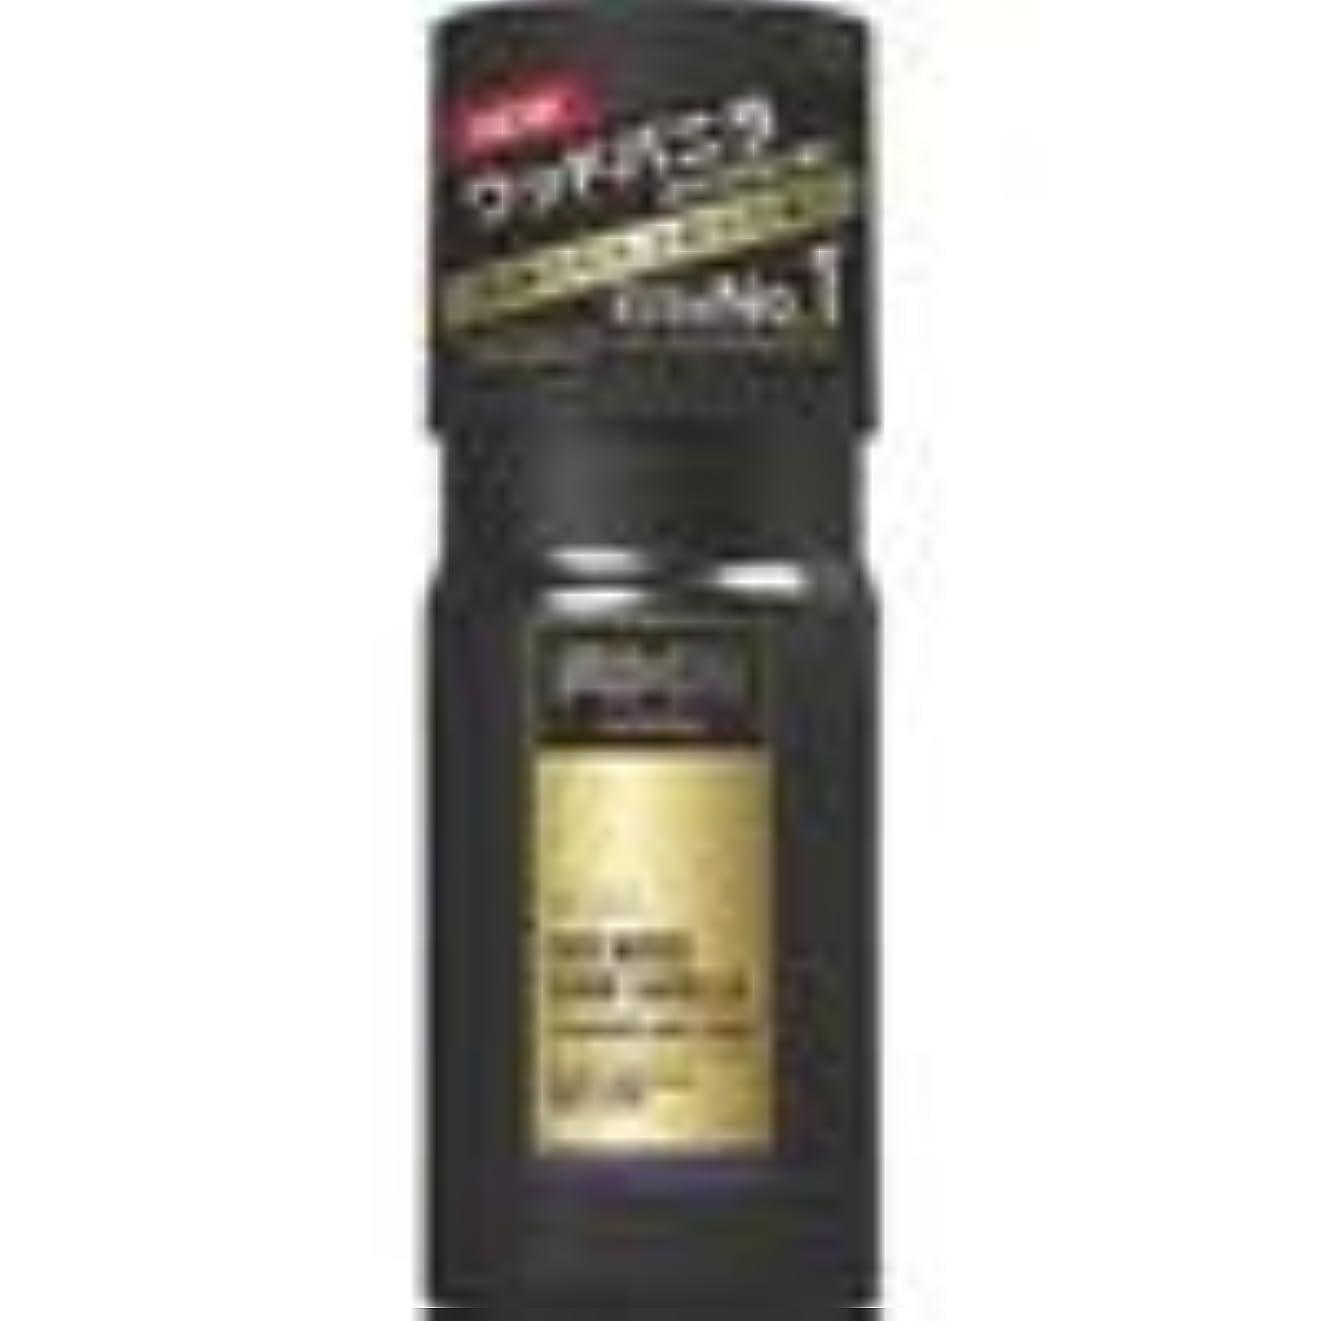 フォルダ灌漑今まで【3本セット】 アックス ゴールド 男性用 フレグランス ボディスプレー (ウッドバニラの香り) 60g